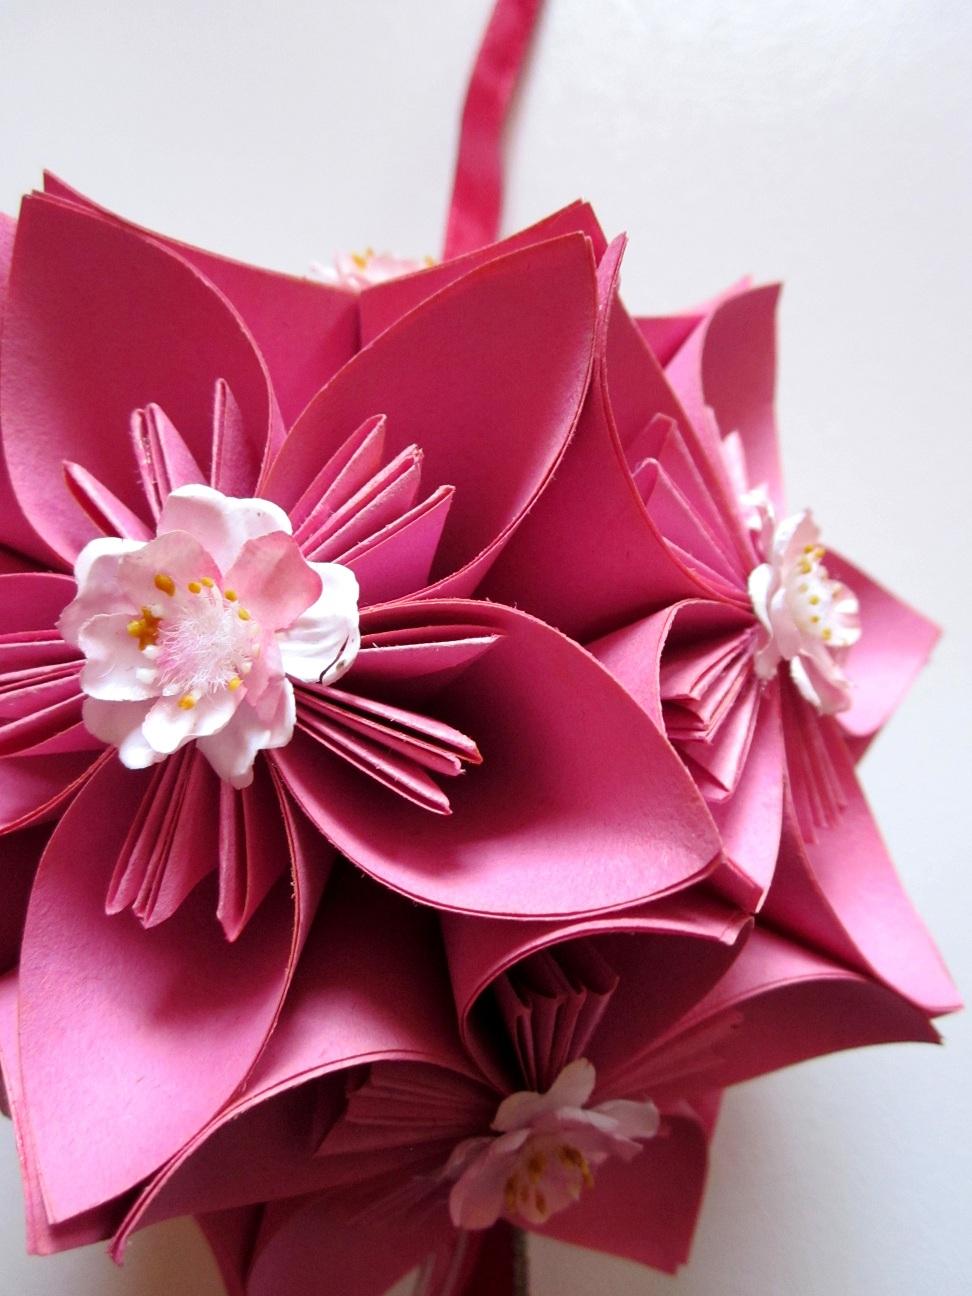 origami faltanleitungen schneewittchen s welt seite 4. Black Bedroom Furniture Sets. Home Design Ideas